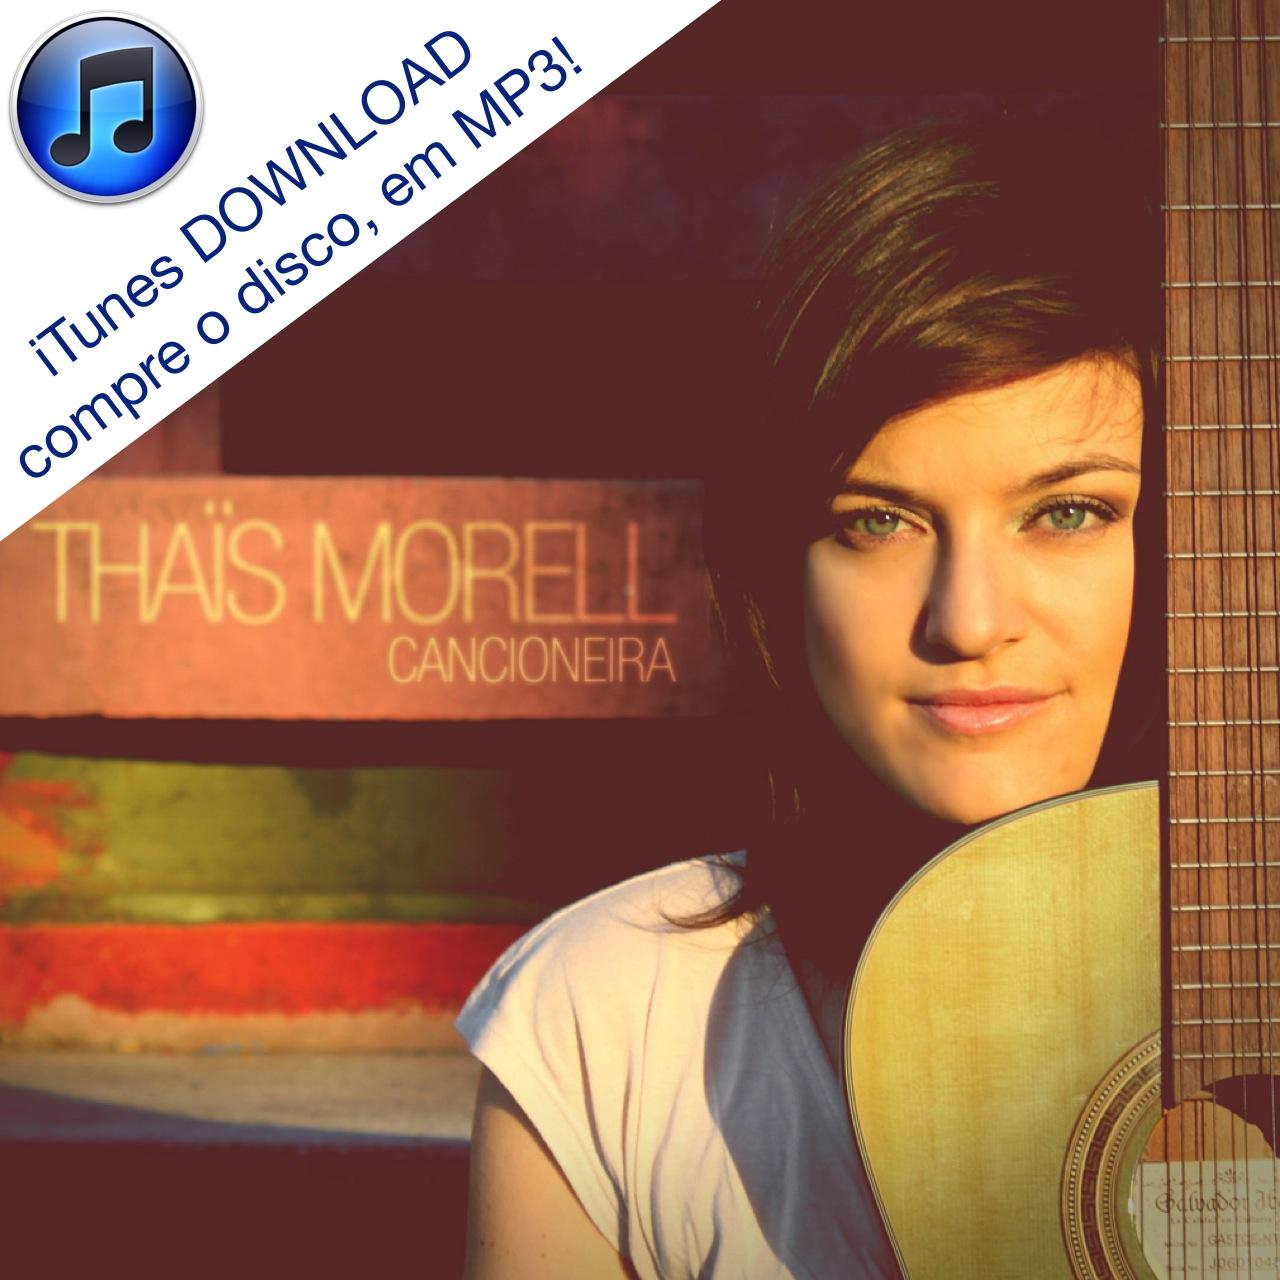 buy in iTunes!